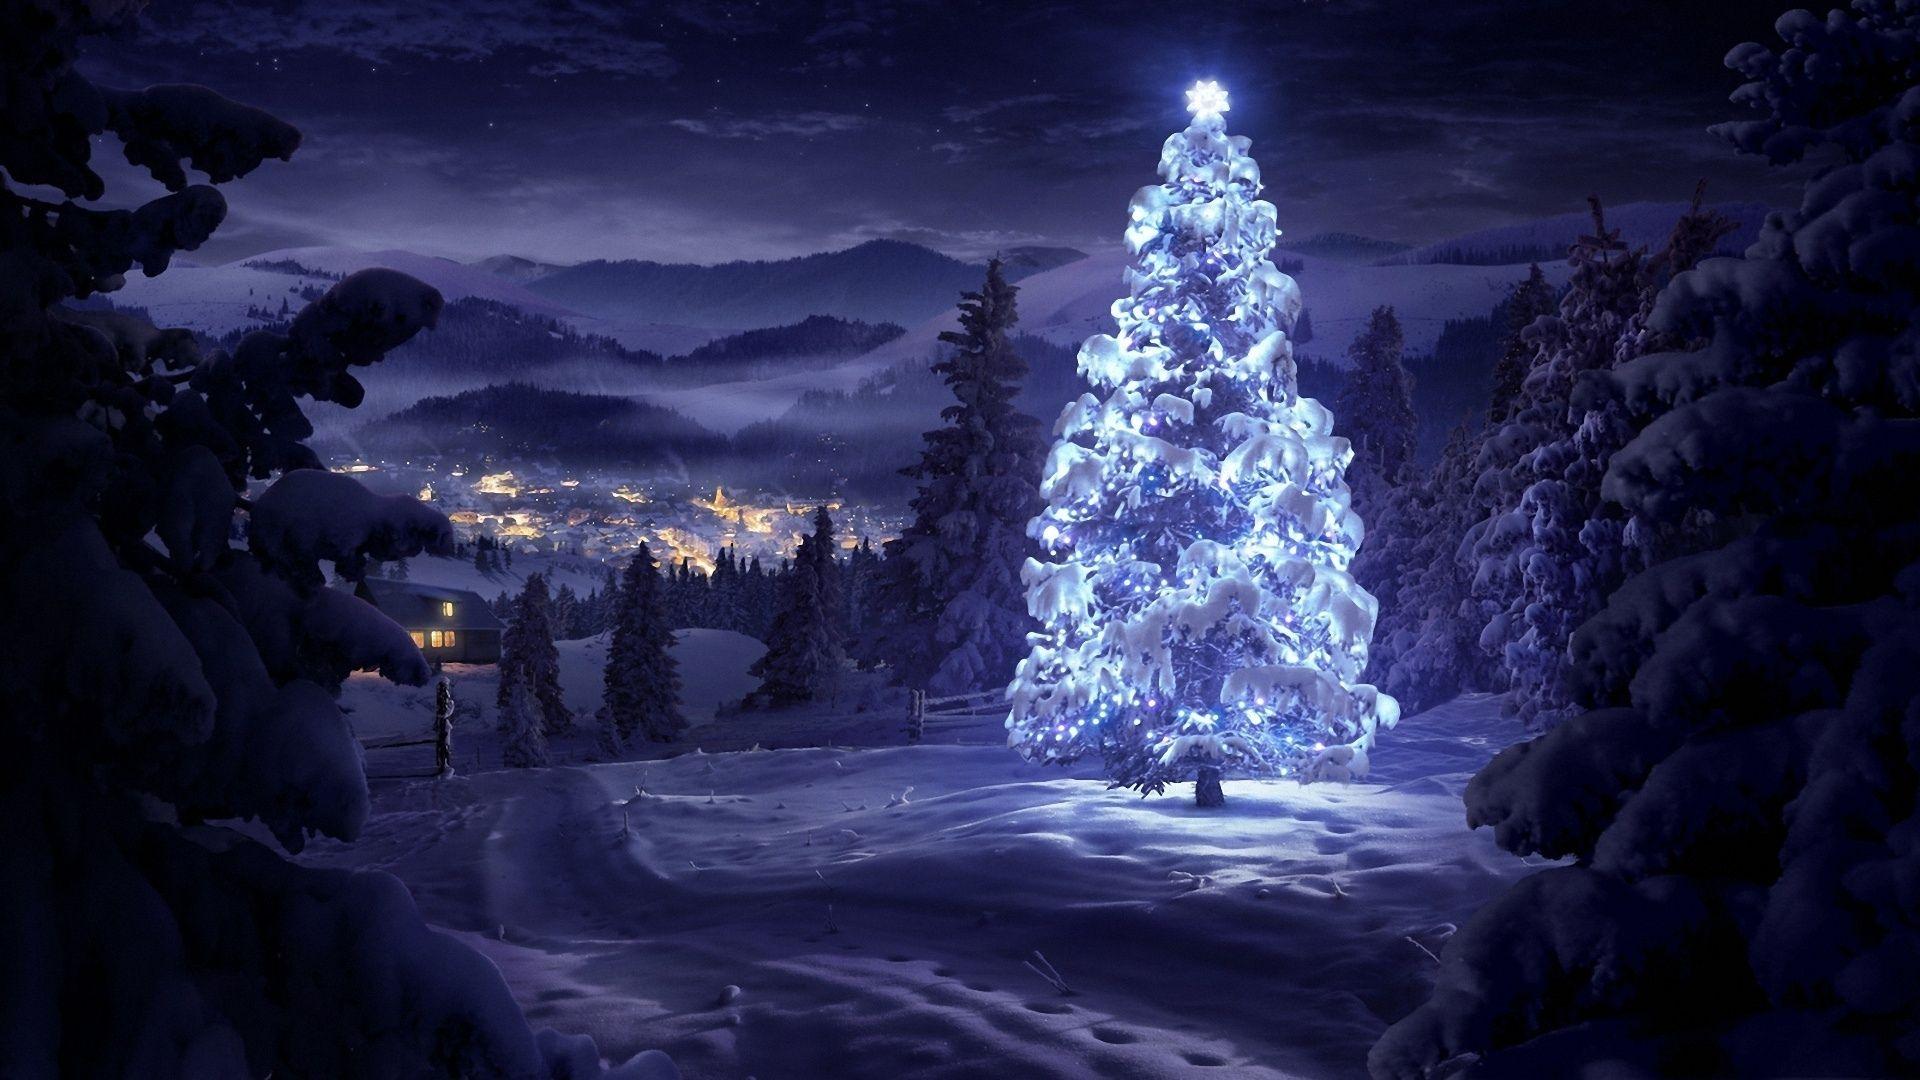 Fond D écran Vacances De Noël: Vacances Noël Village Hiver Paysage Christmas Tree Snow